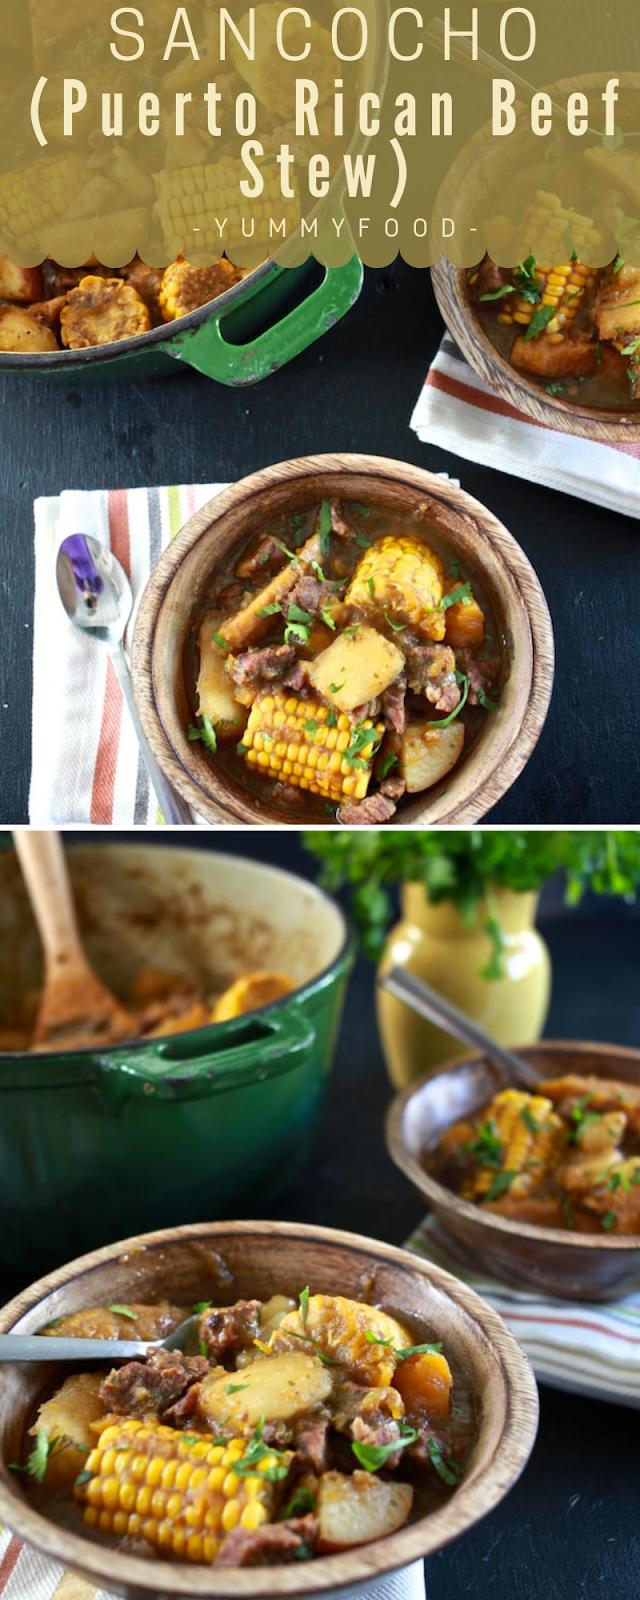 Sancocho (Puerto Rican Meat Stew)